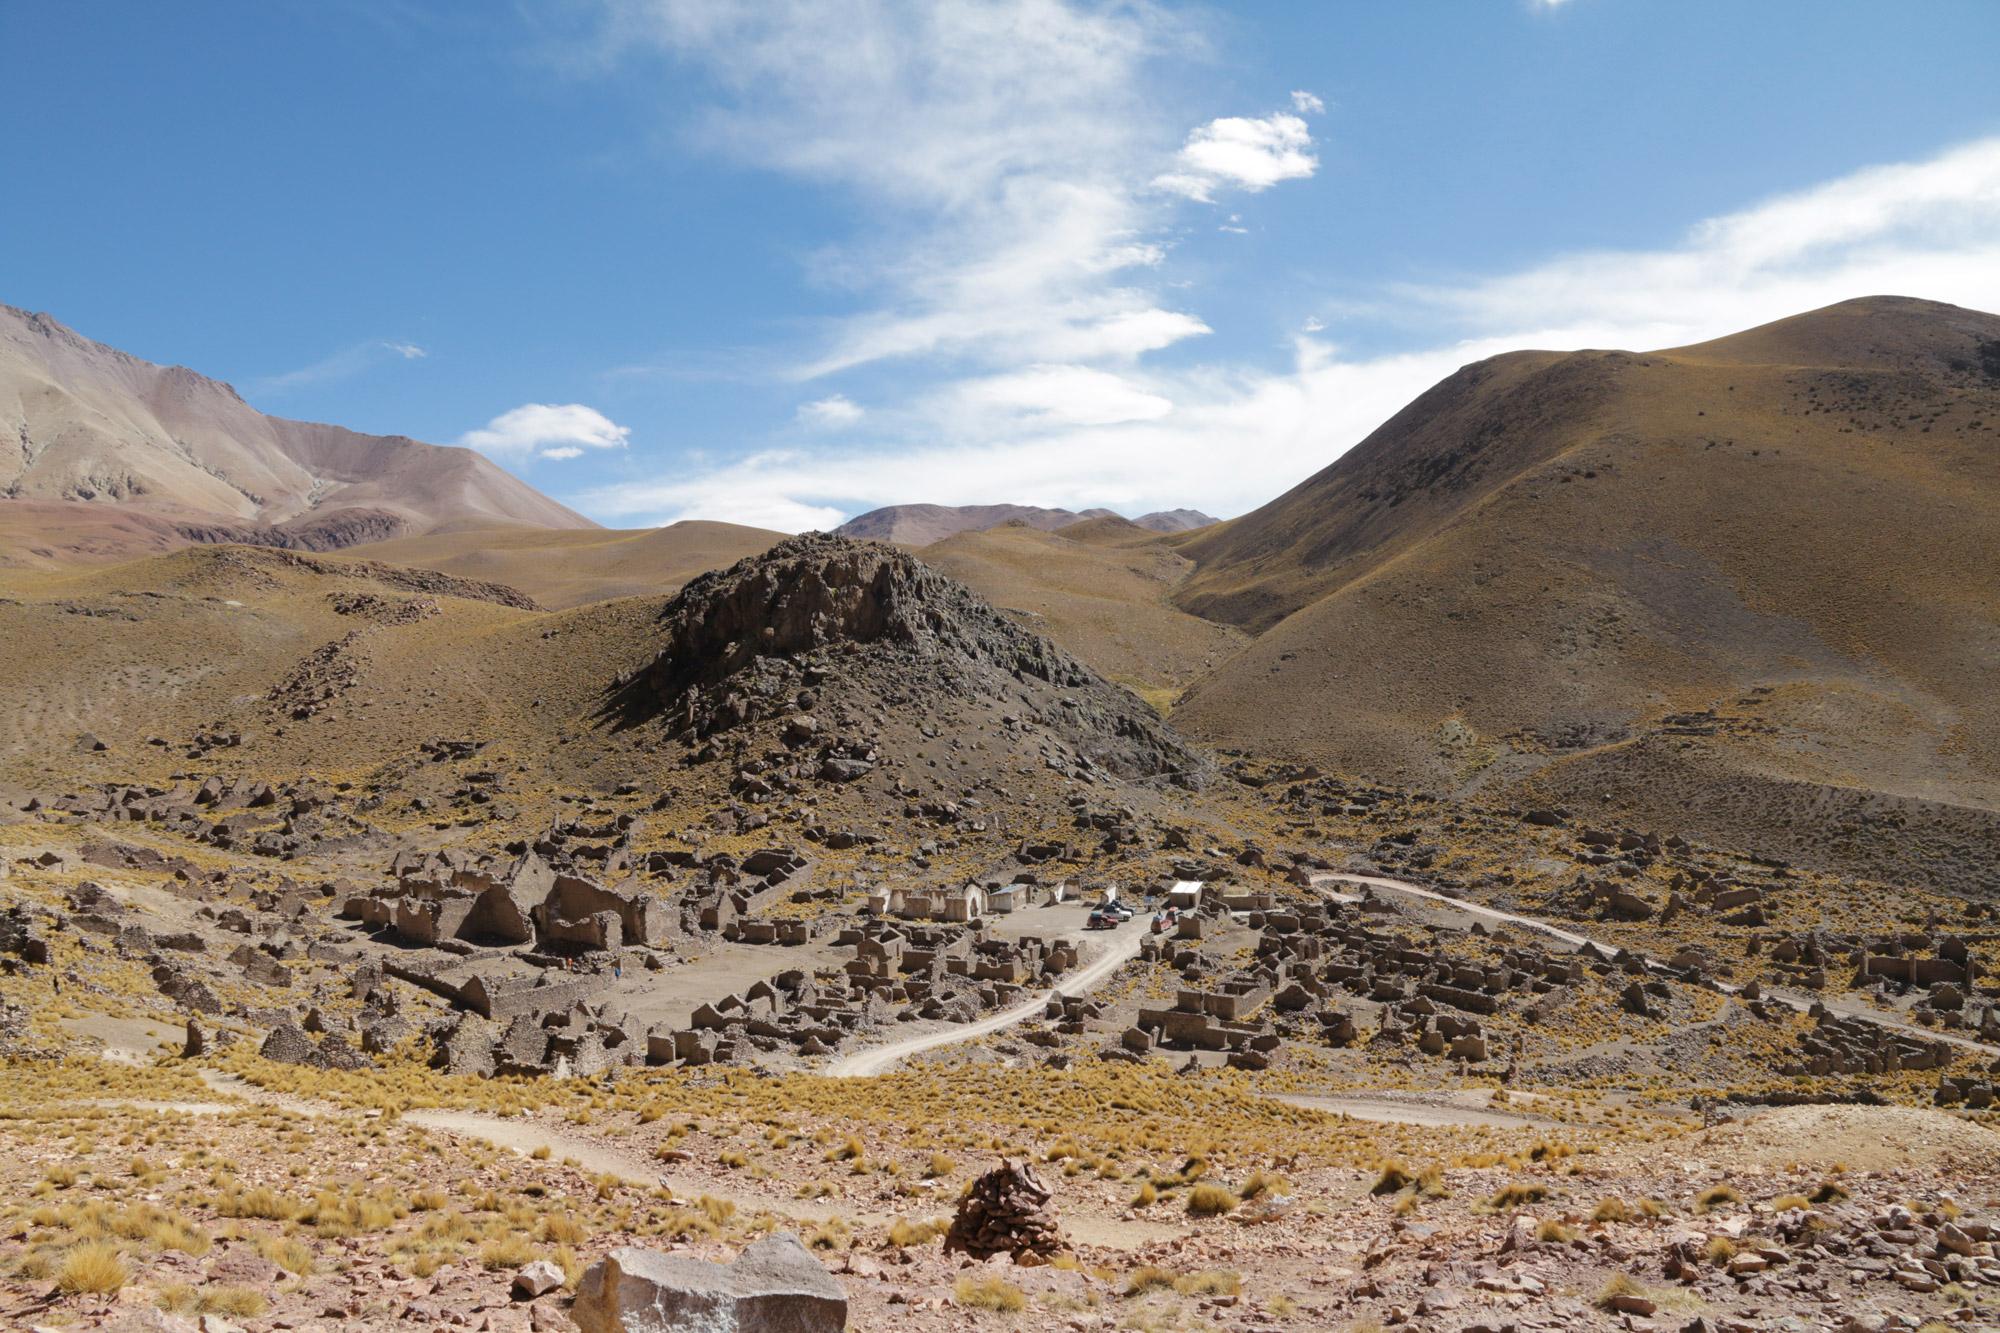 Bolivia 2016 - Dag 9 - De koloniale ruïnes van San Antonio